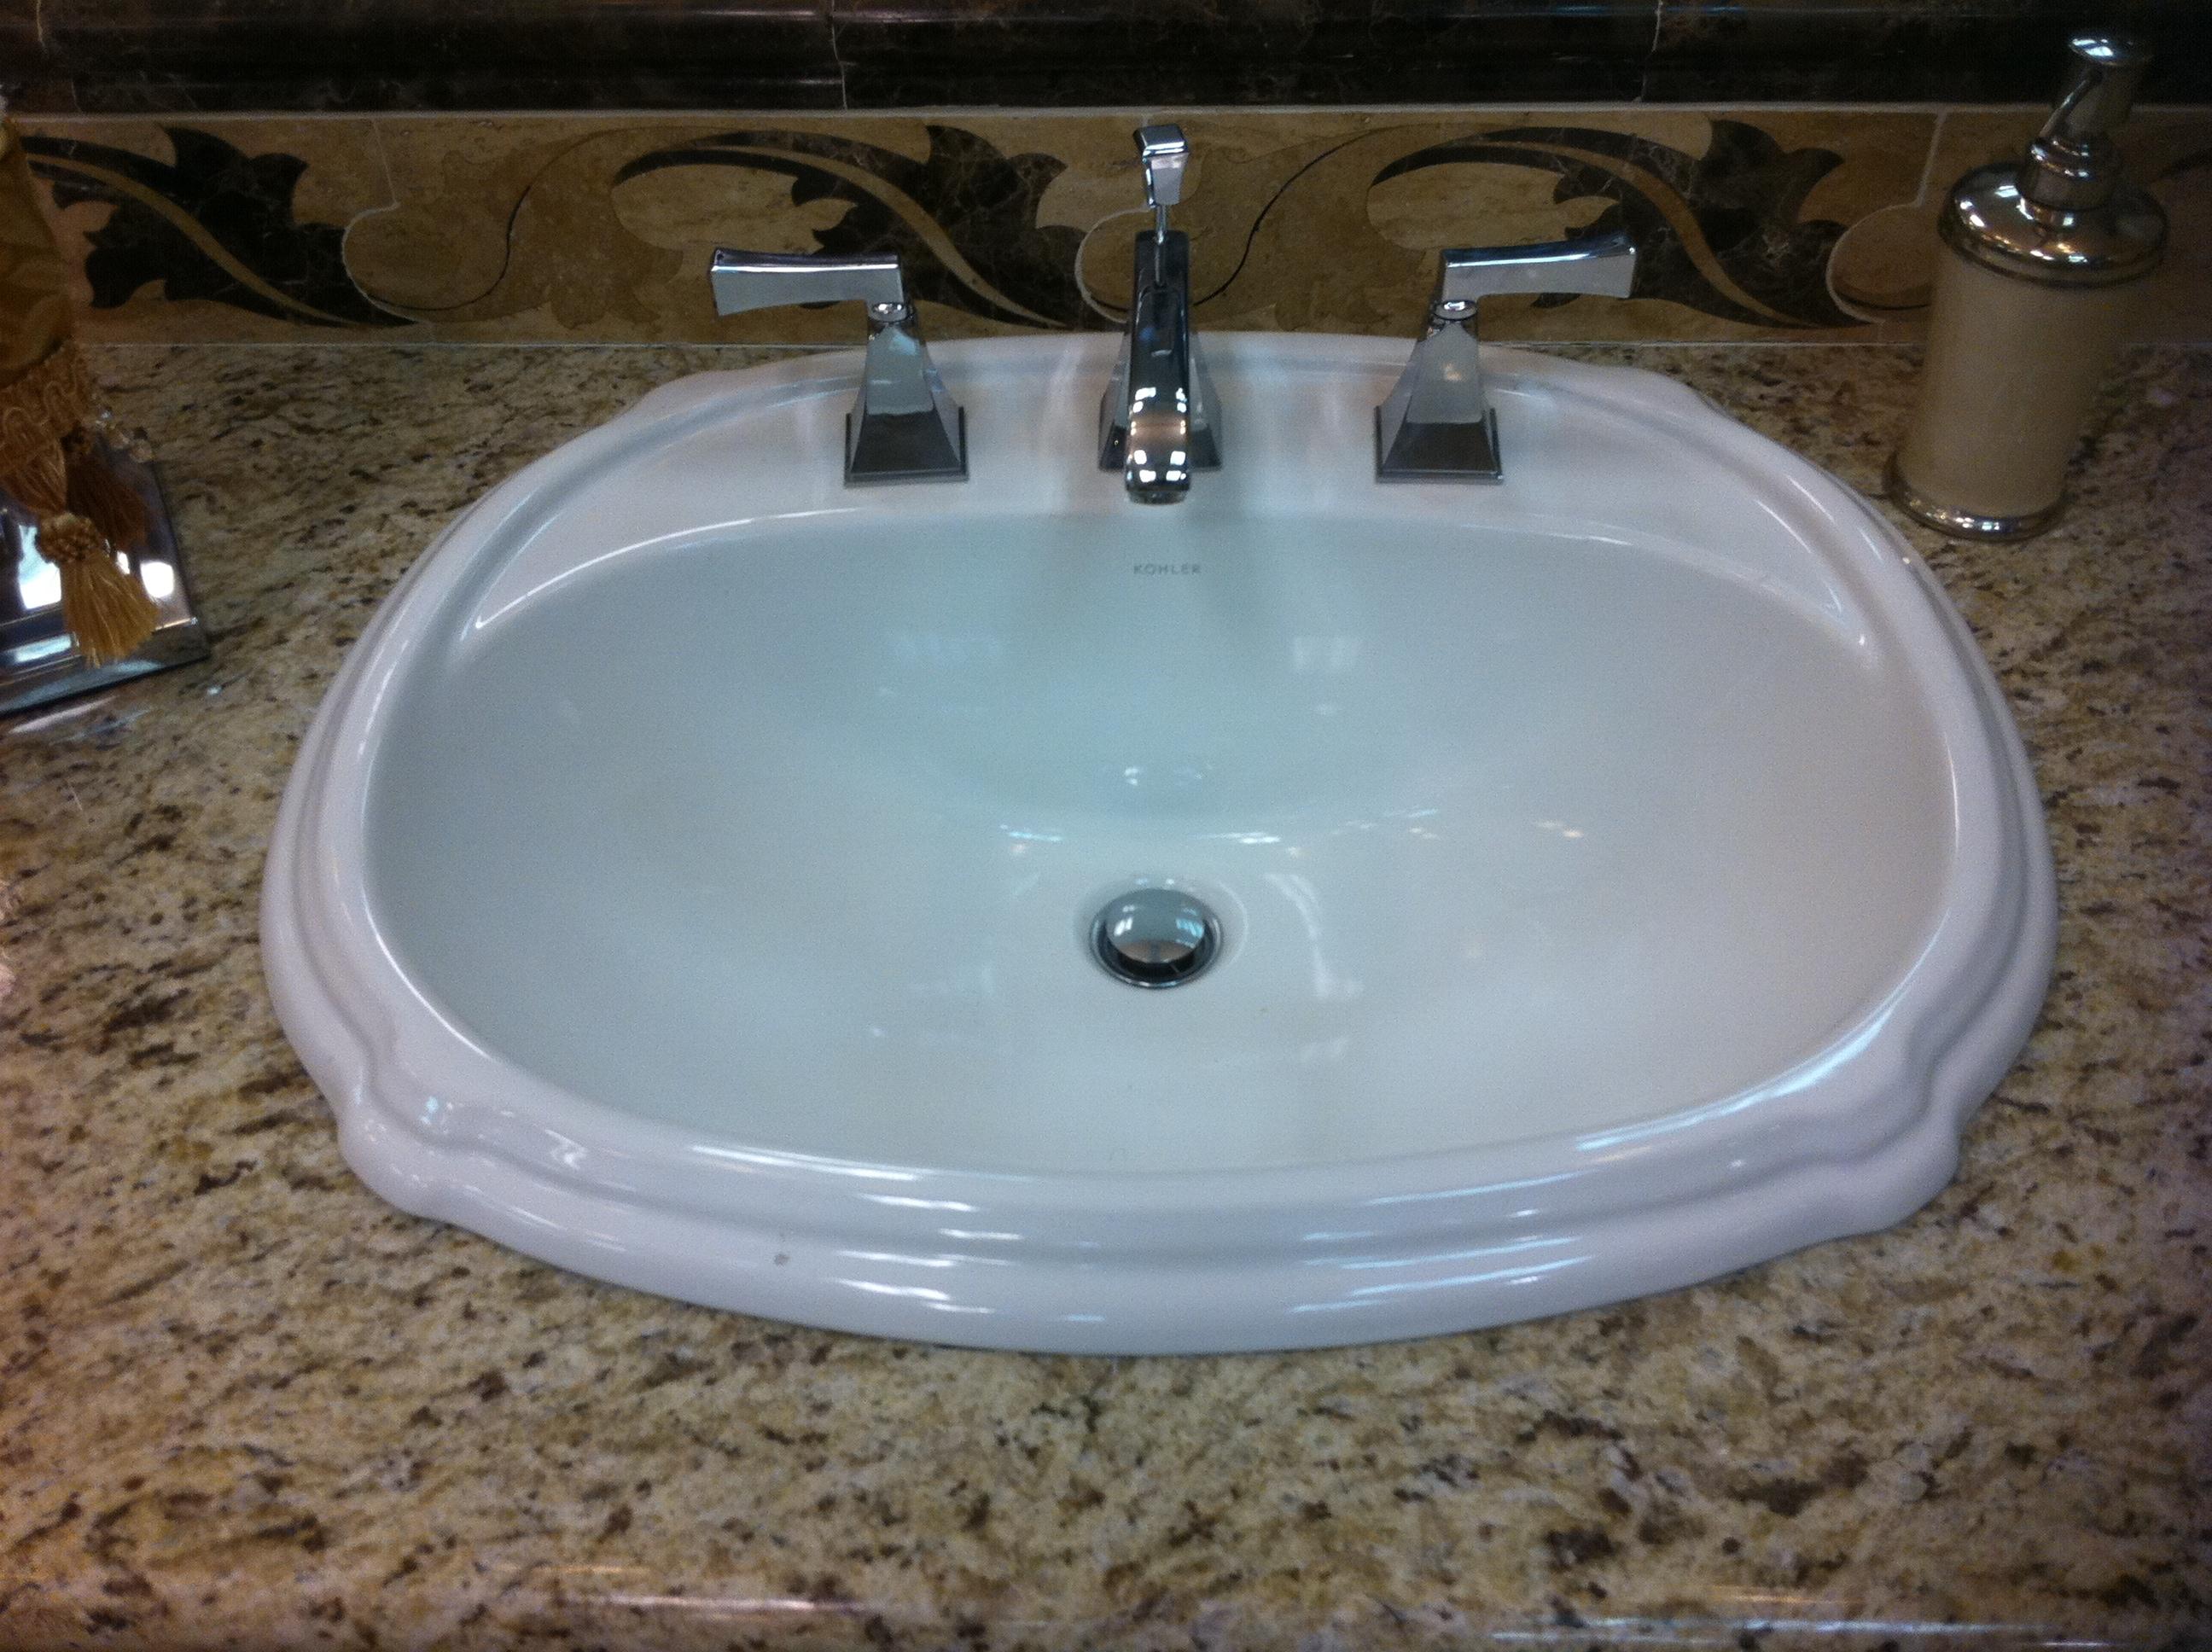 reglazing jacuzzi prundle angeles tub large resurfacing los reglazings after bathtub pkb